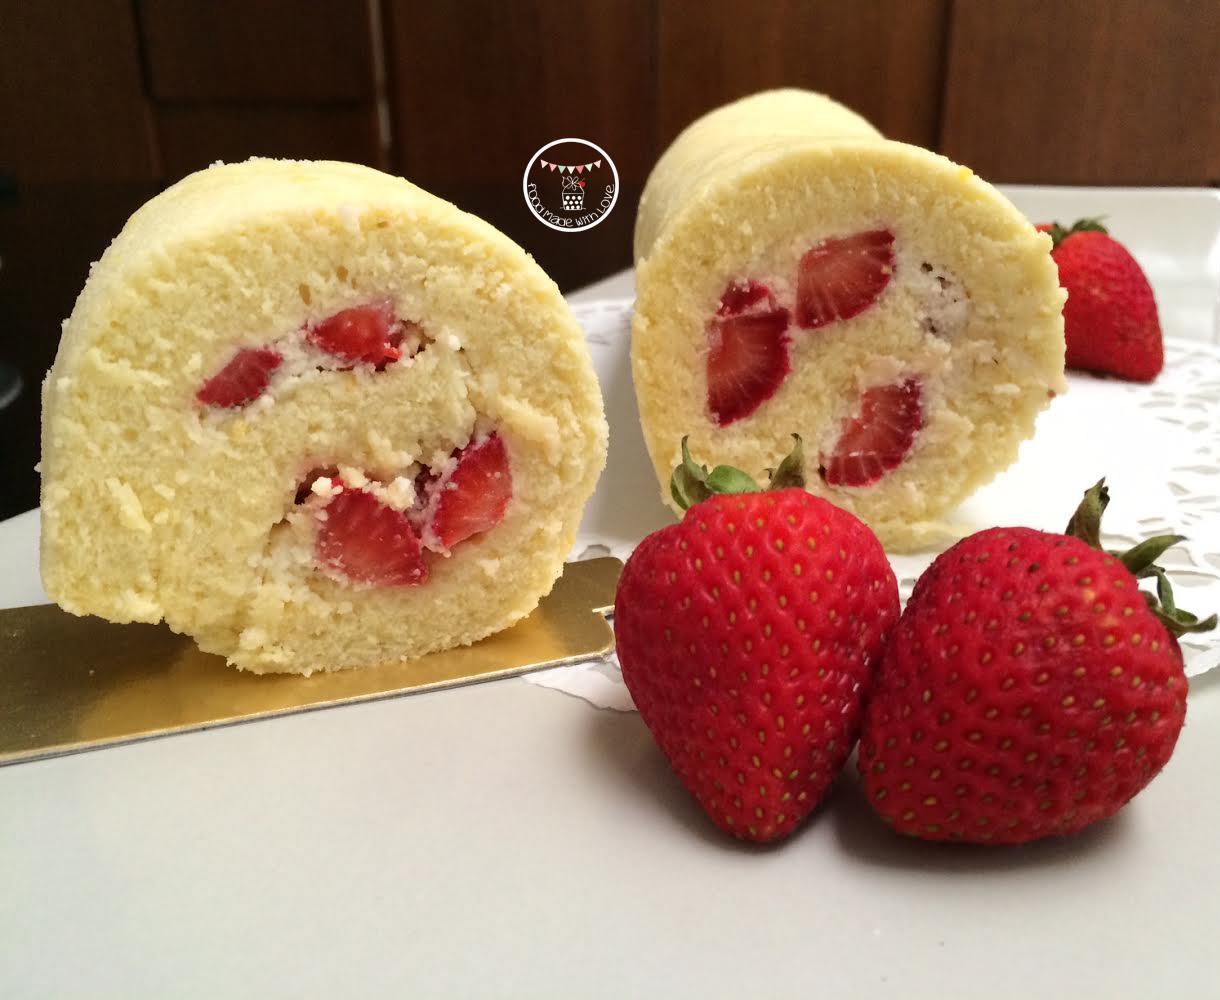 Japanese Sponge Roll Cake Recipe